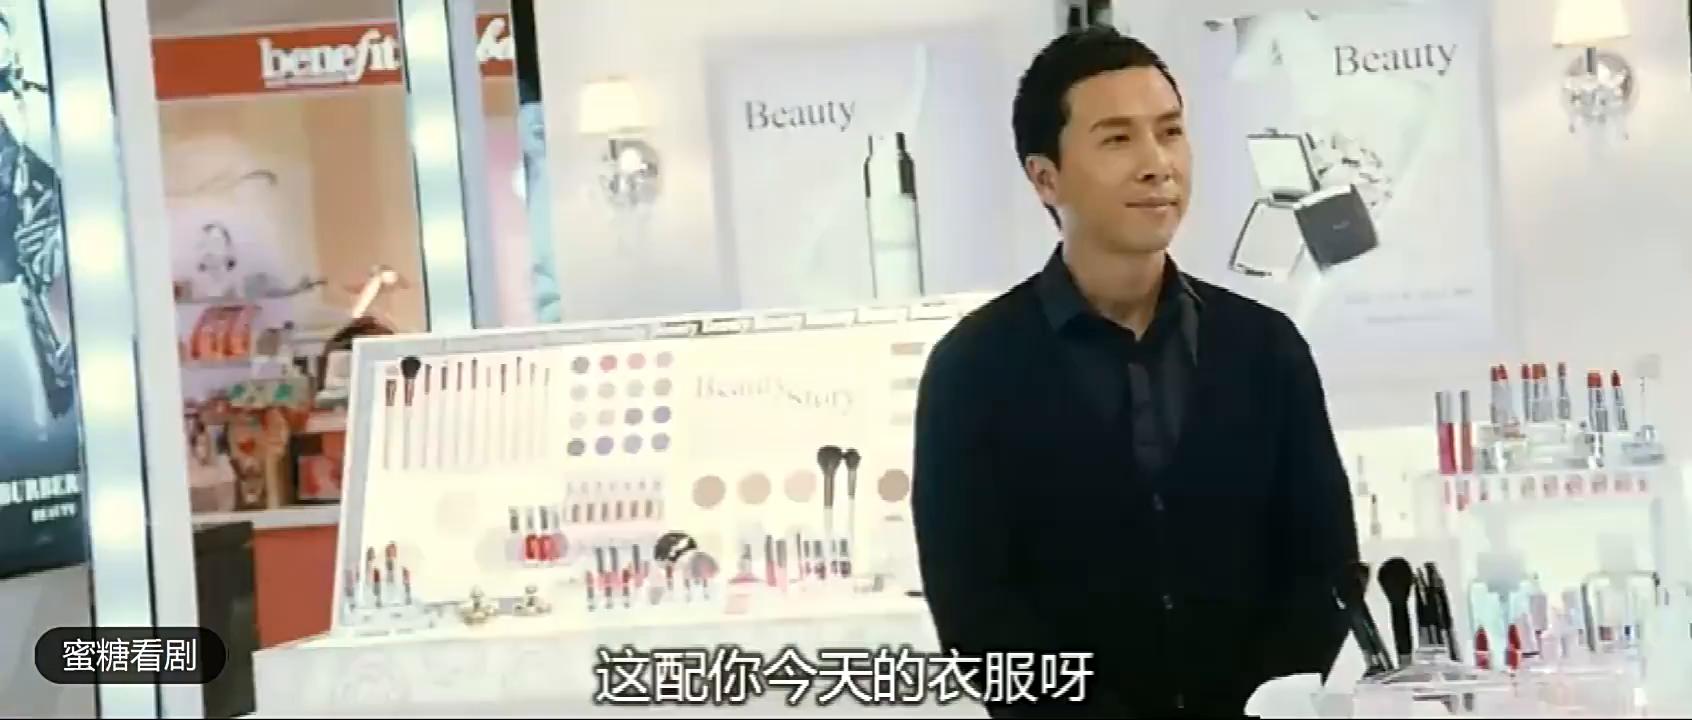 功夫巨星甄子丹的独门化妆术,了解一下